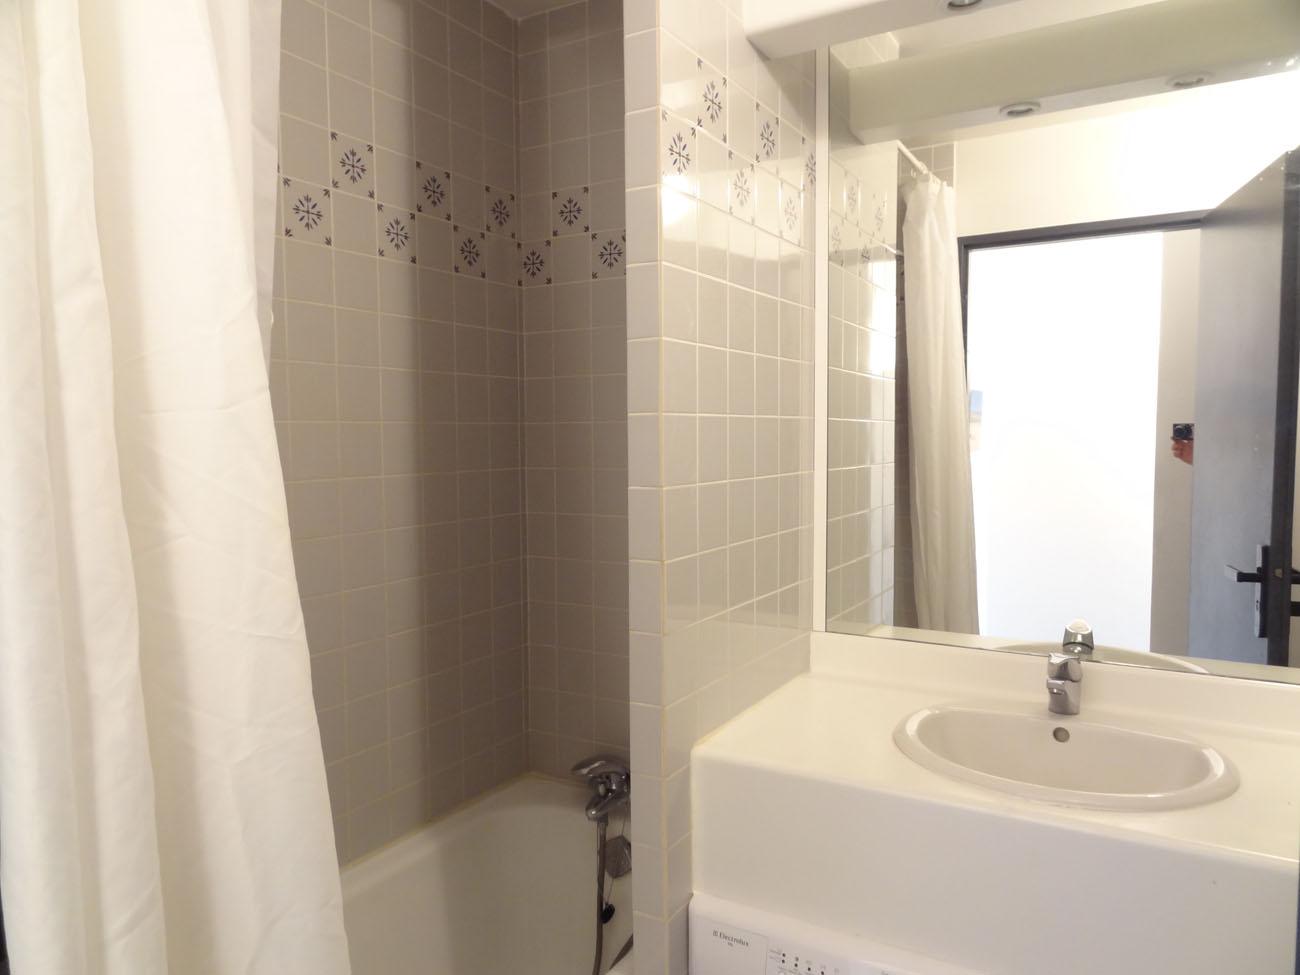 Location Appartement T3 Ile de Ré - Salle de bain